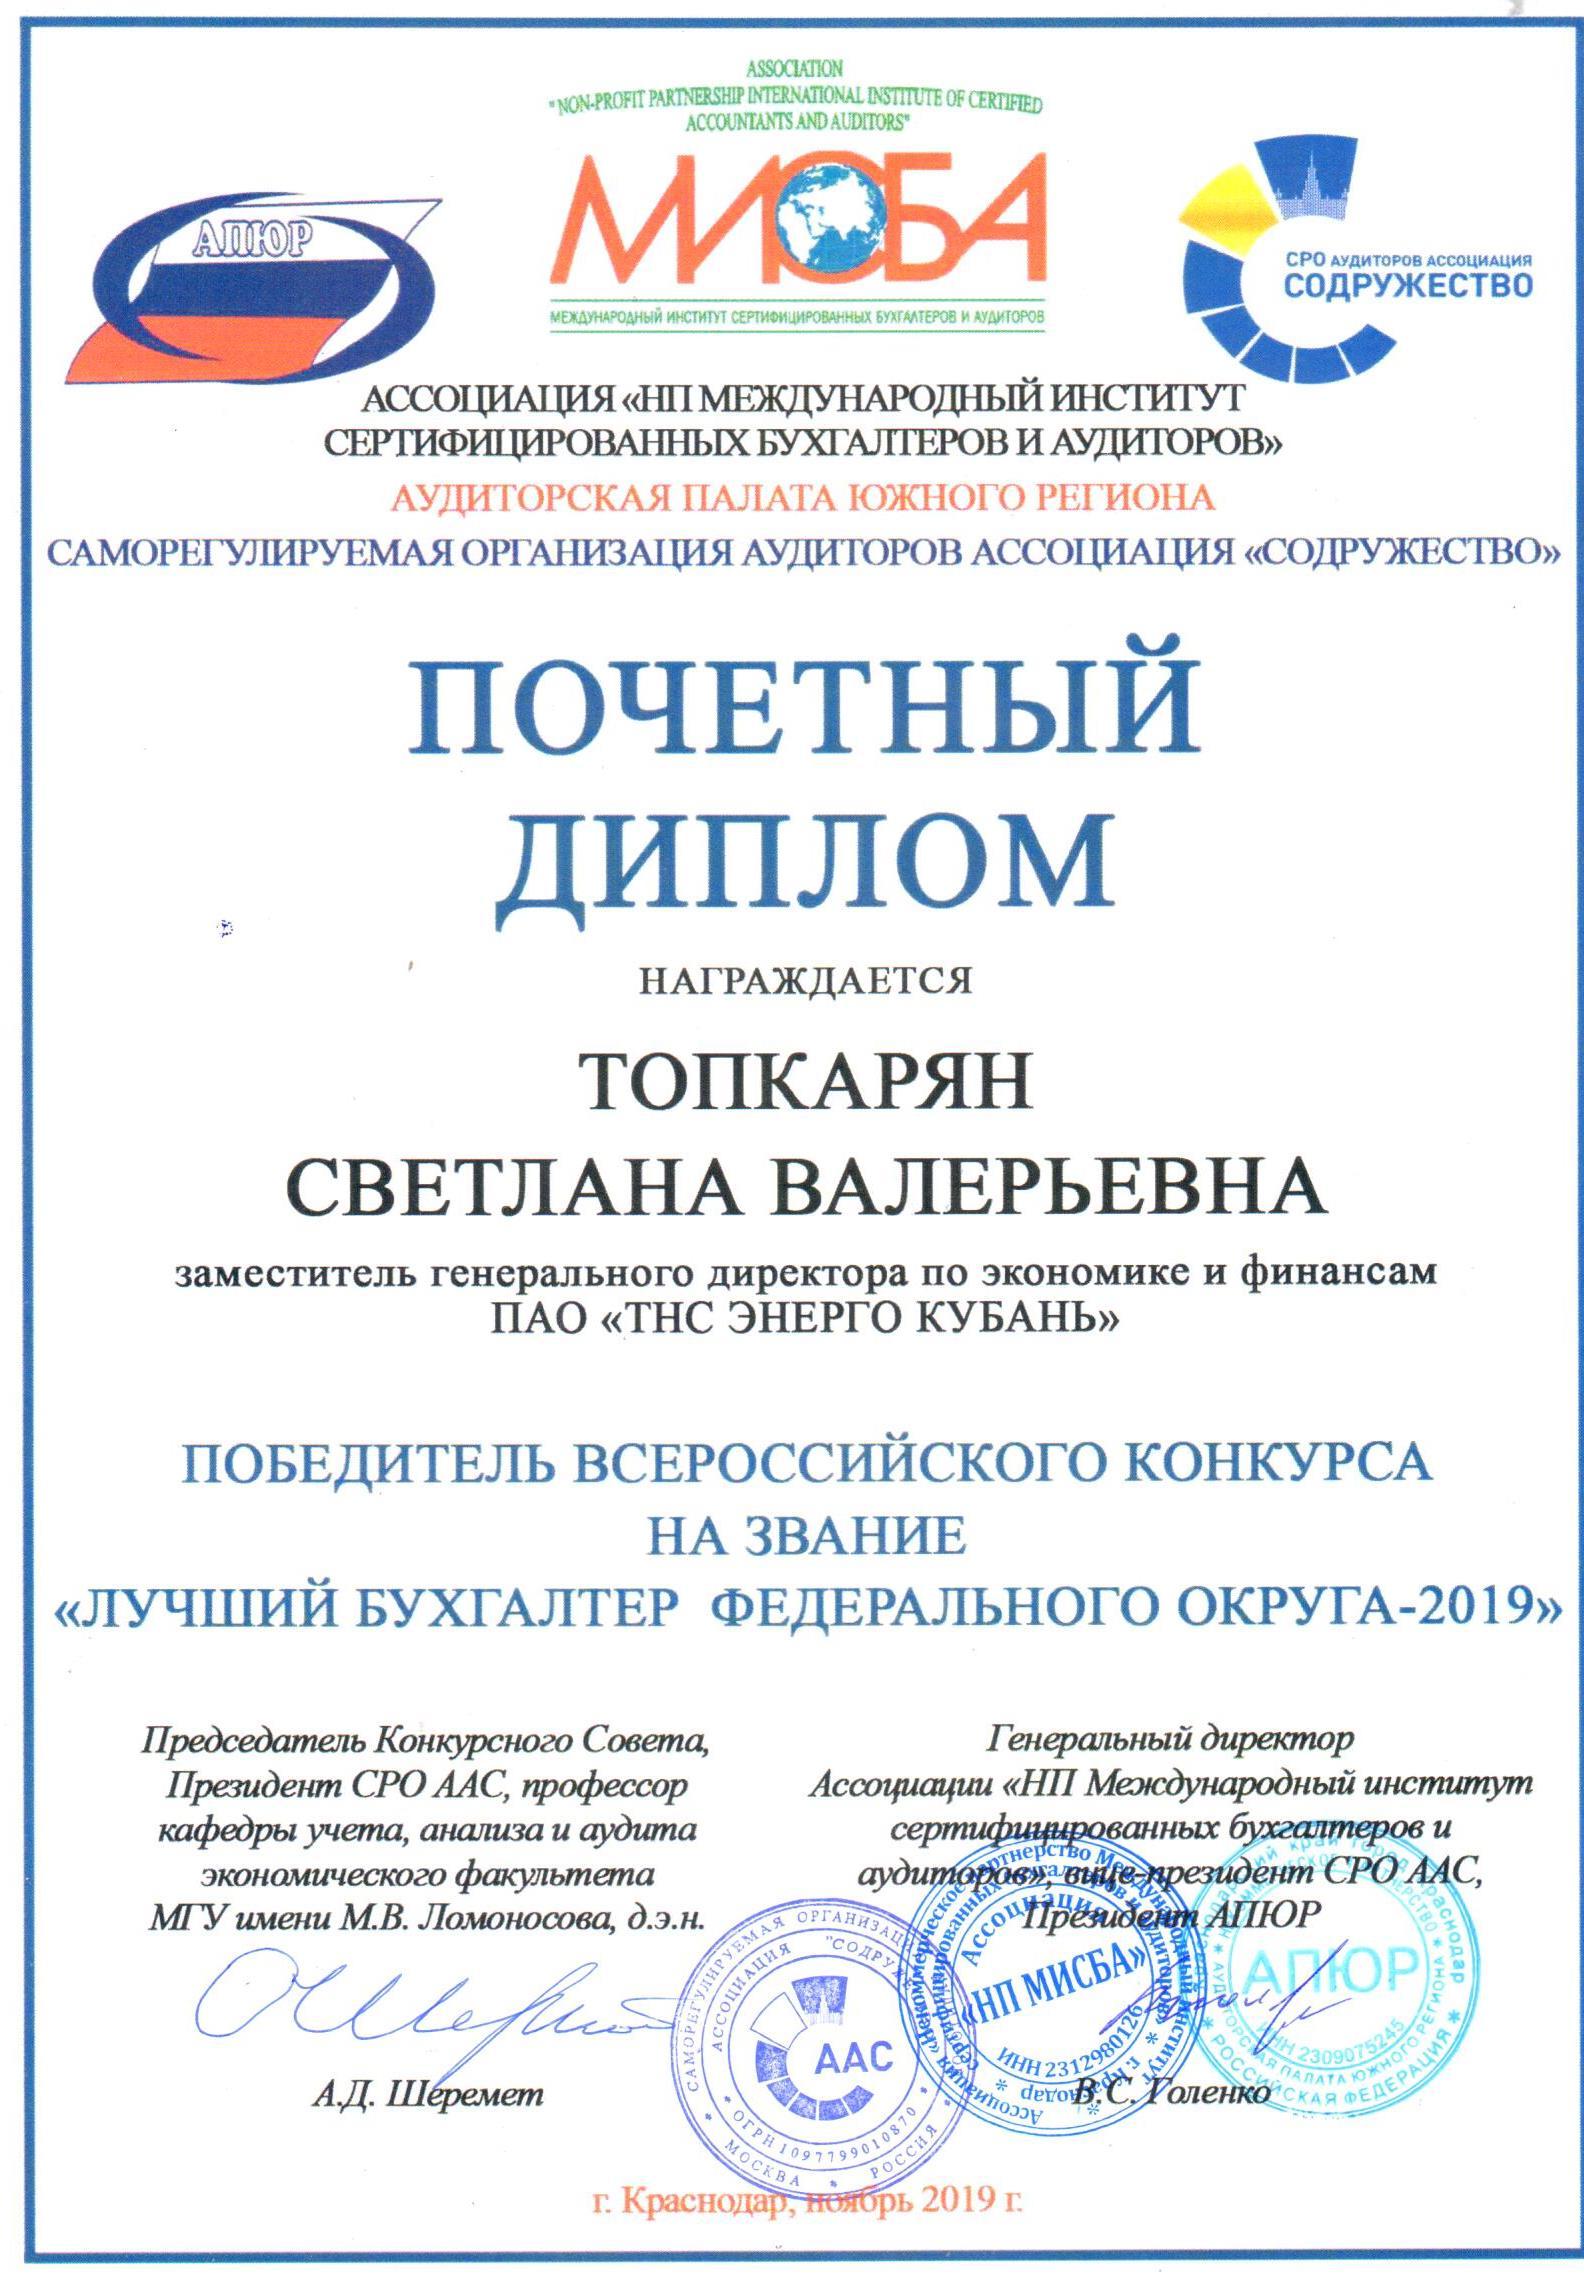 Почетный диплом Лучший бухгалтер ЮФО.jpg